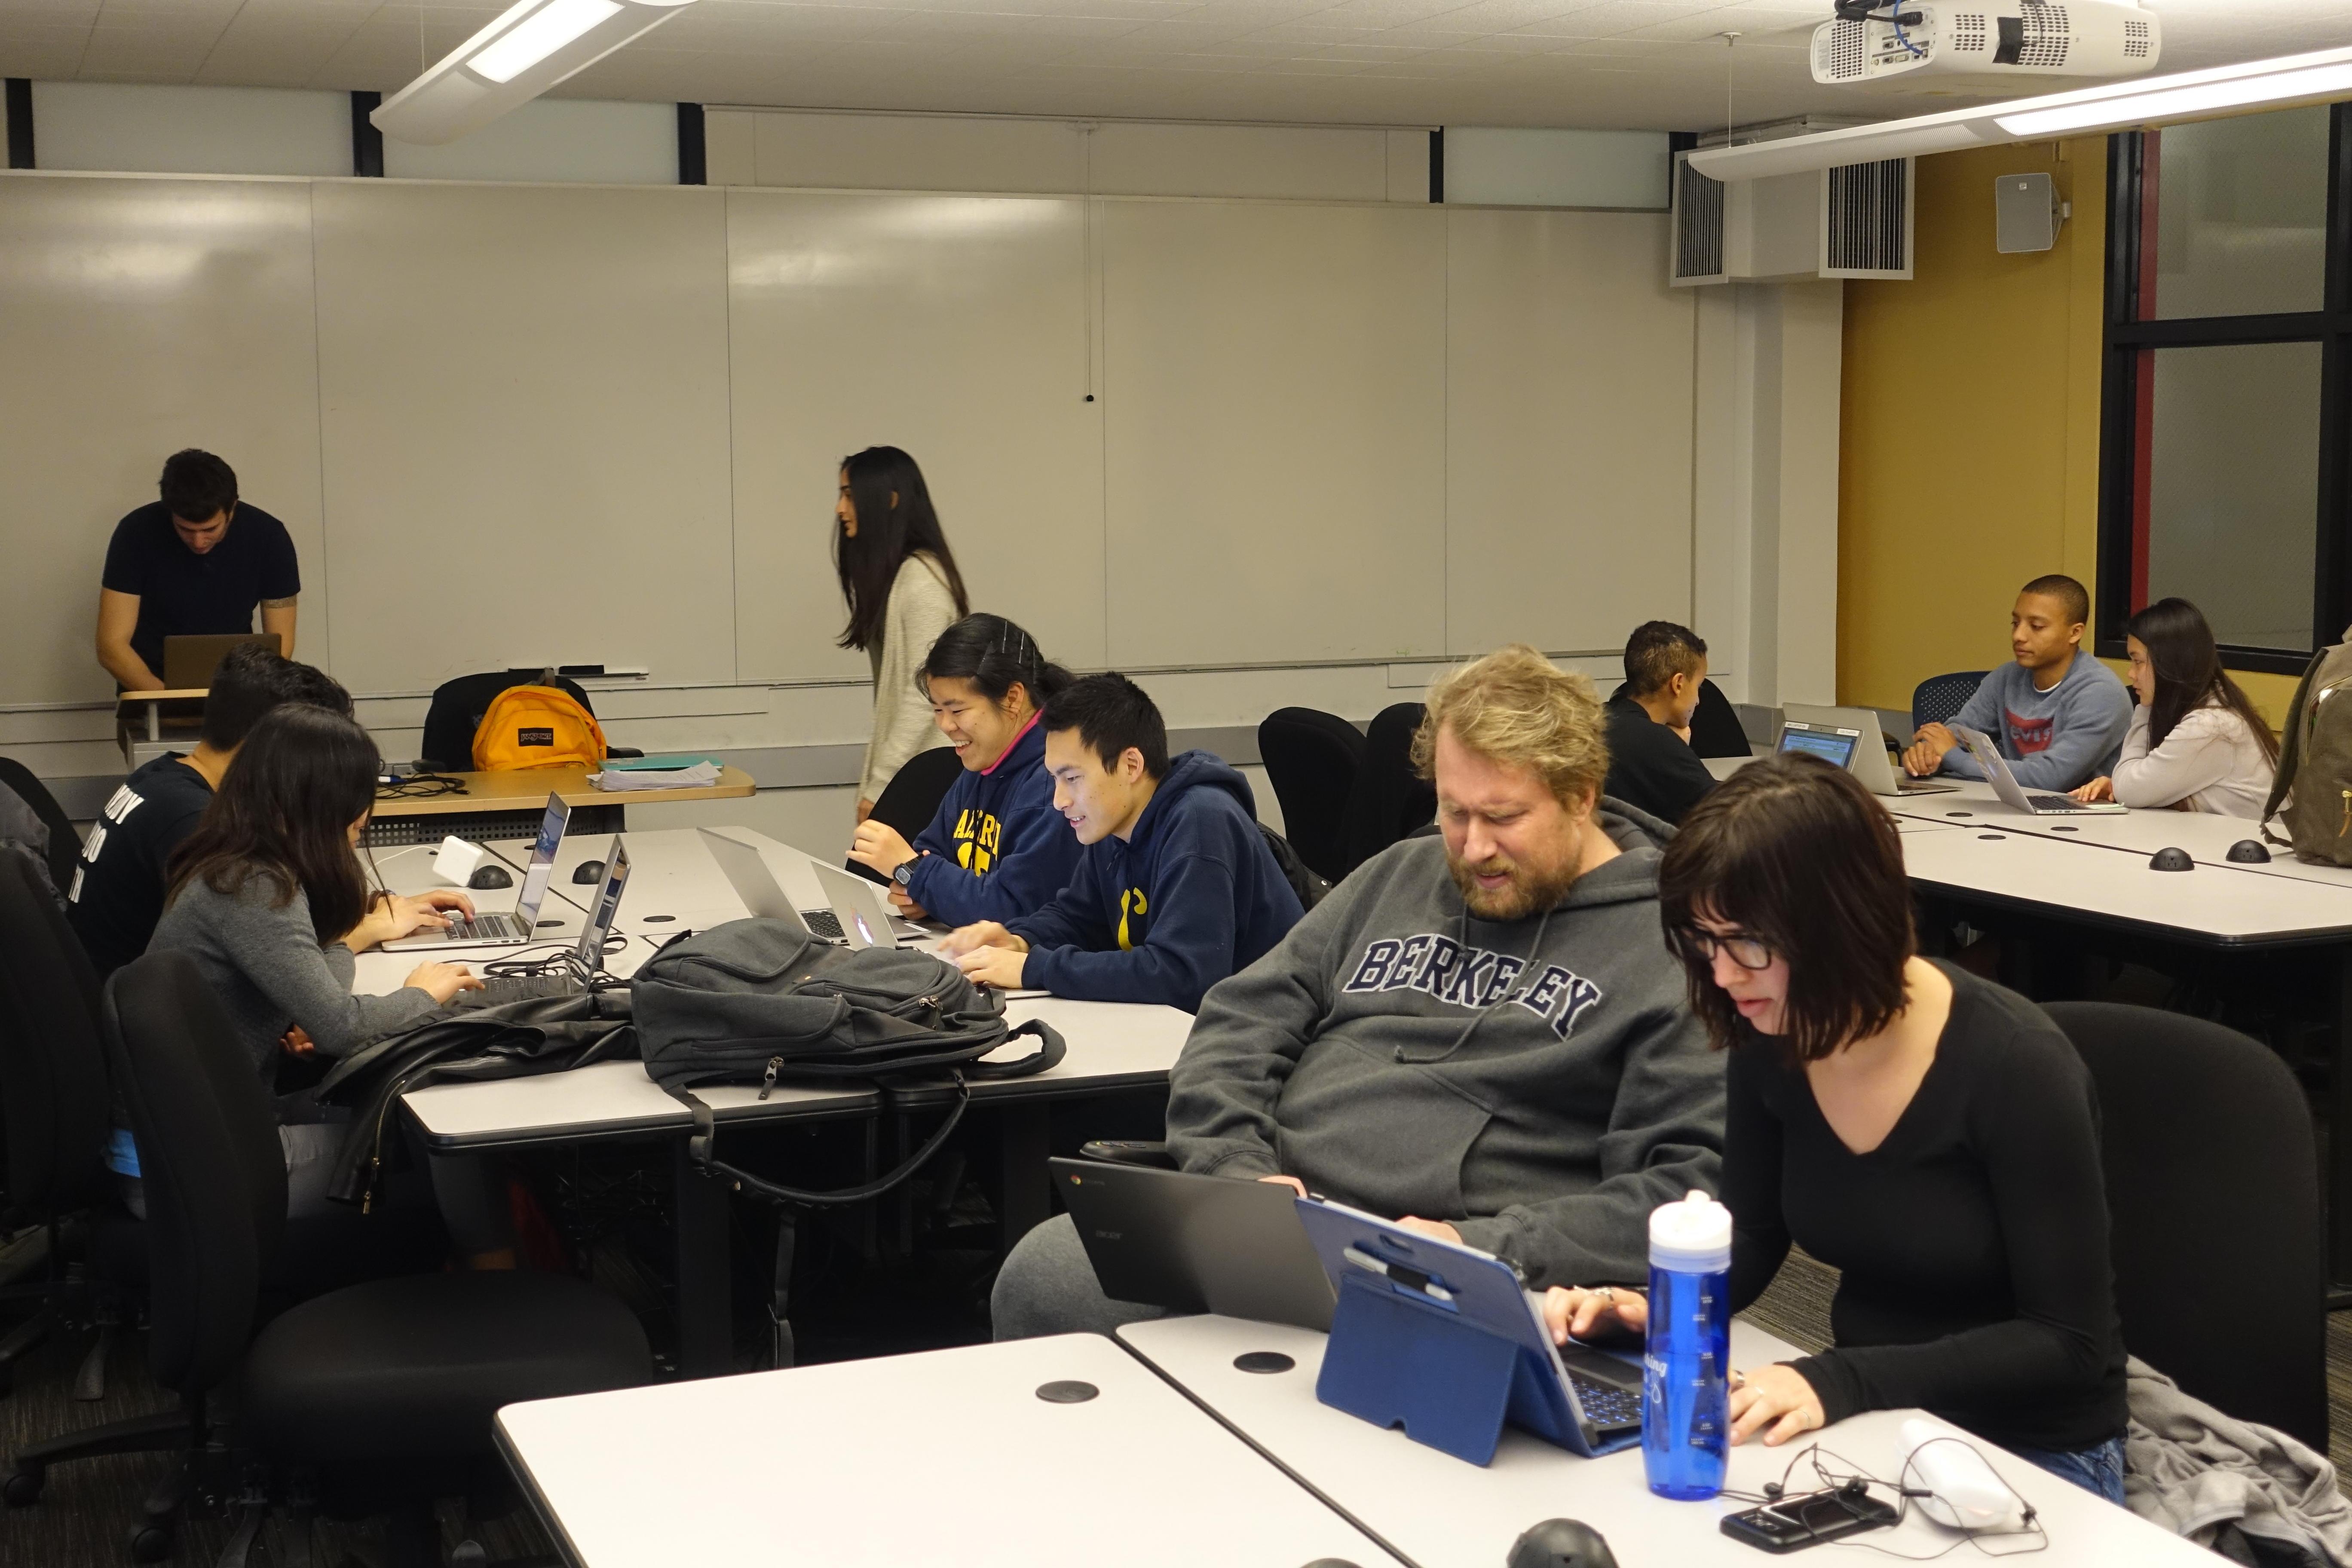 Data Science module in UC Berkeley Ethnic Studies course